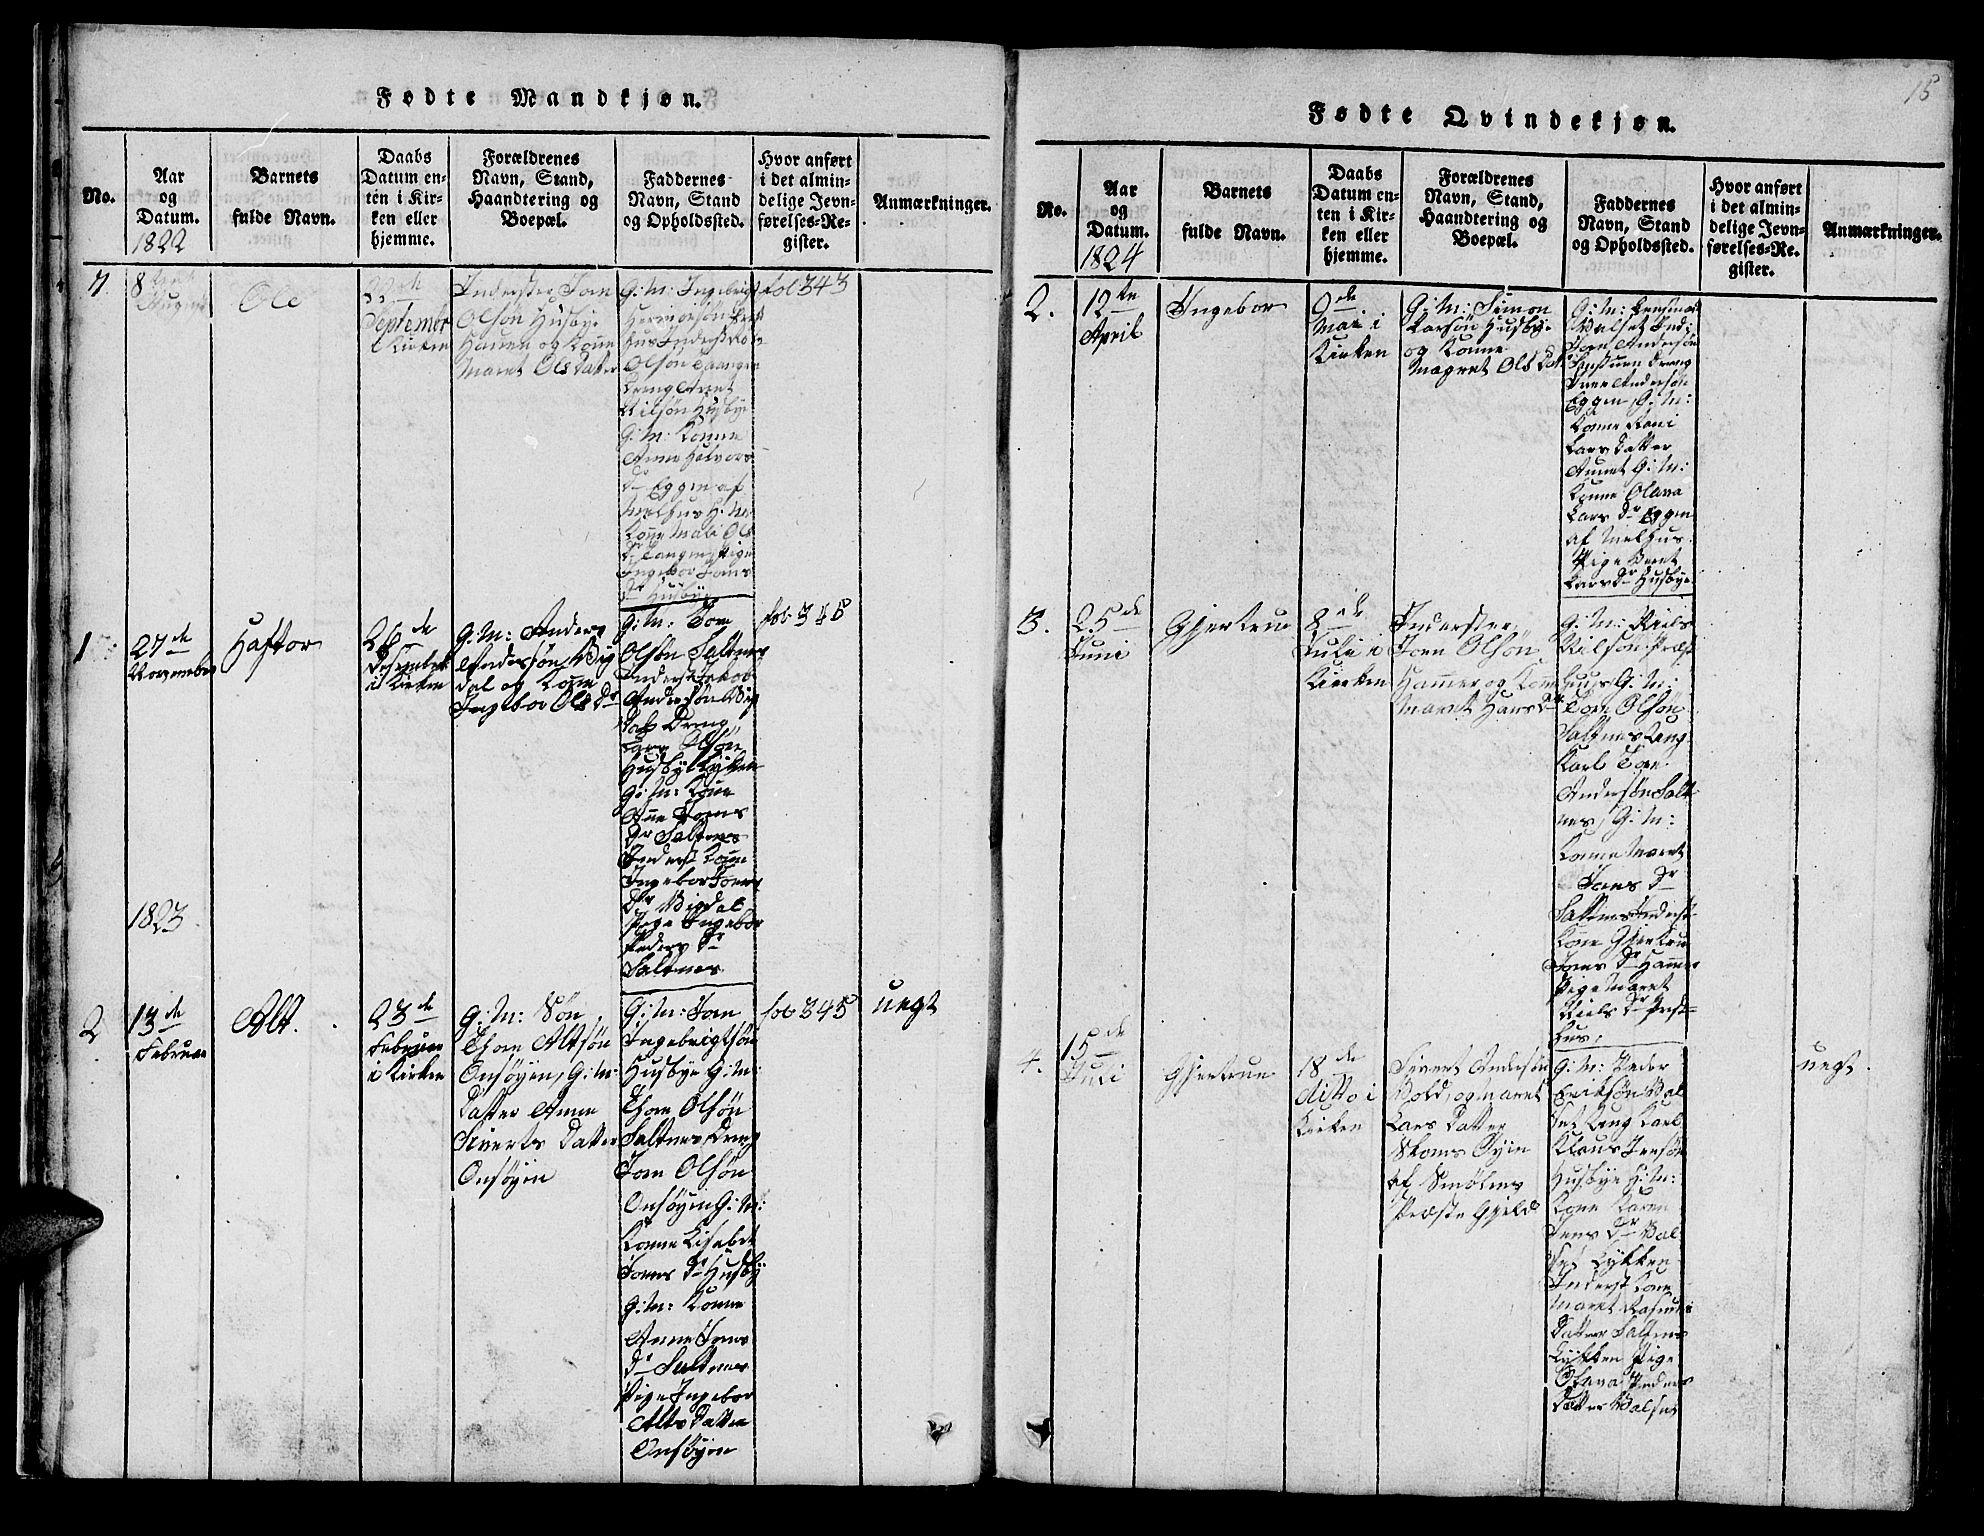 SAT, Ministerialprotokoller, klokkerbøker og fødselsregistre - Sør-Trøndelag, 666/L0788: Klokkerbok nr. 666C01, 1816-1847, s. 15